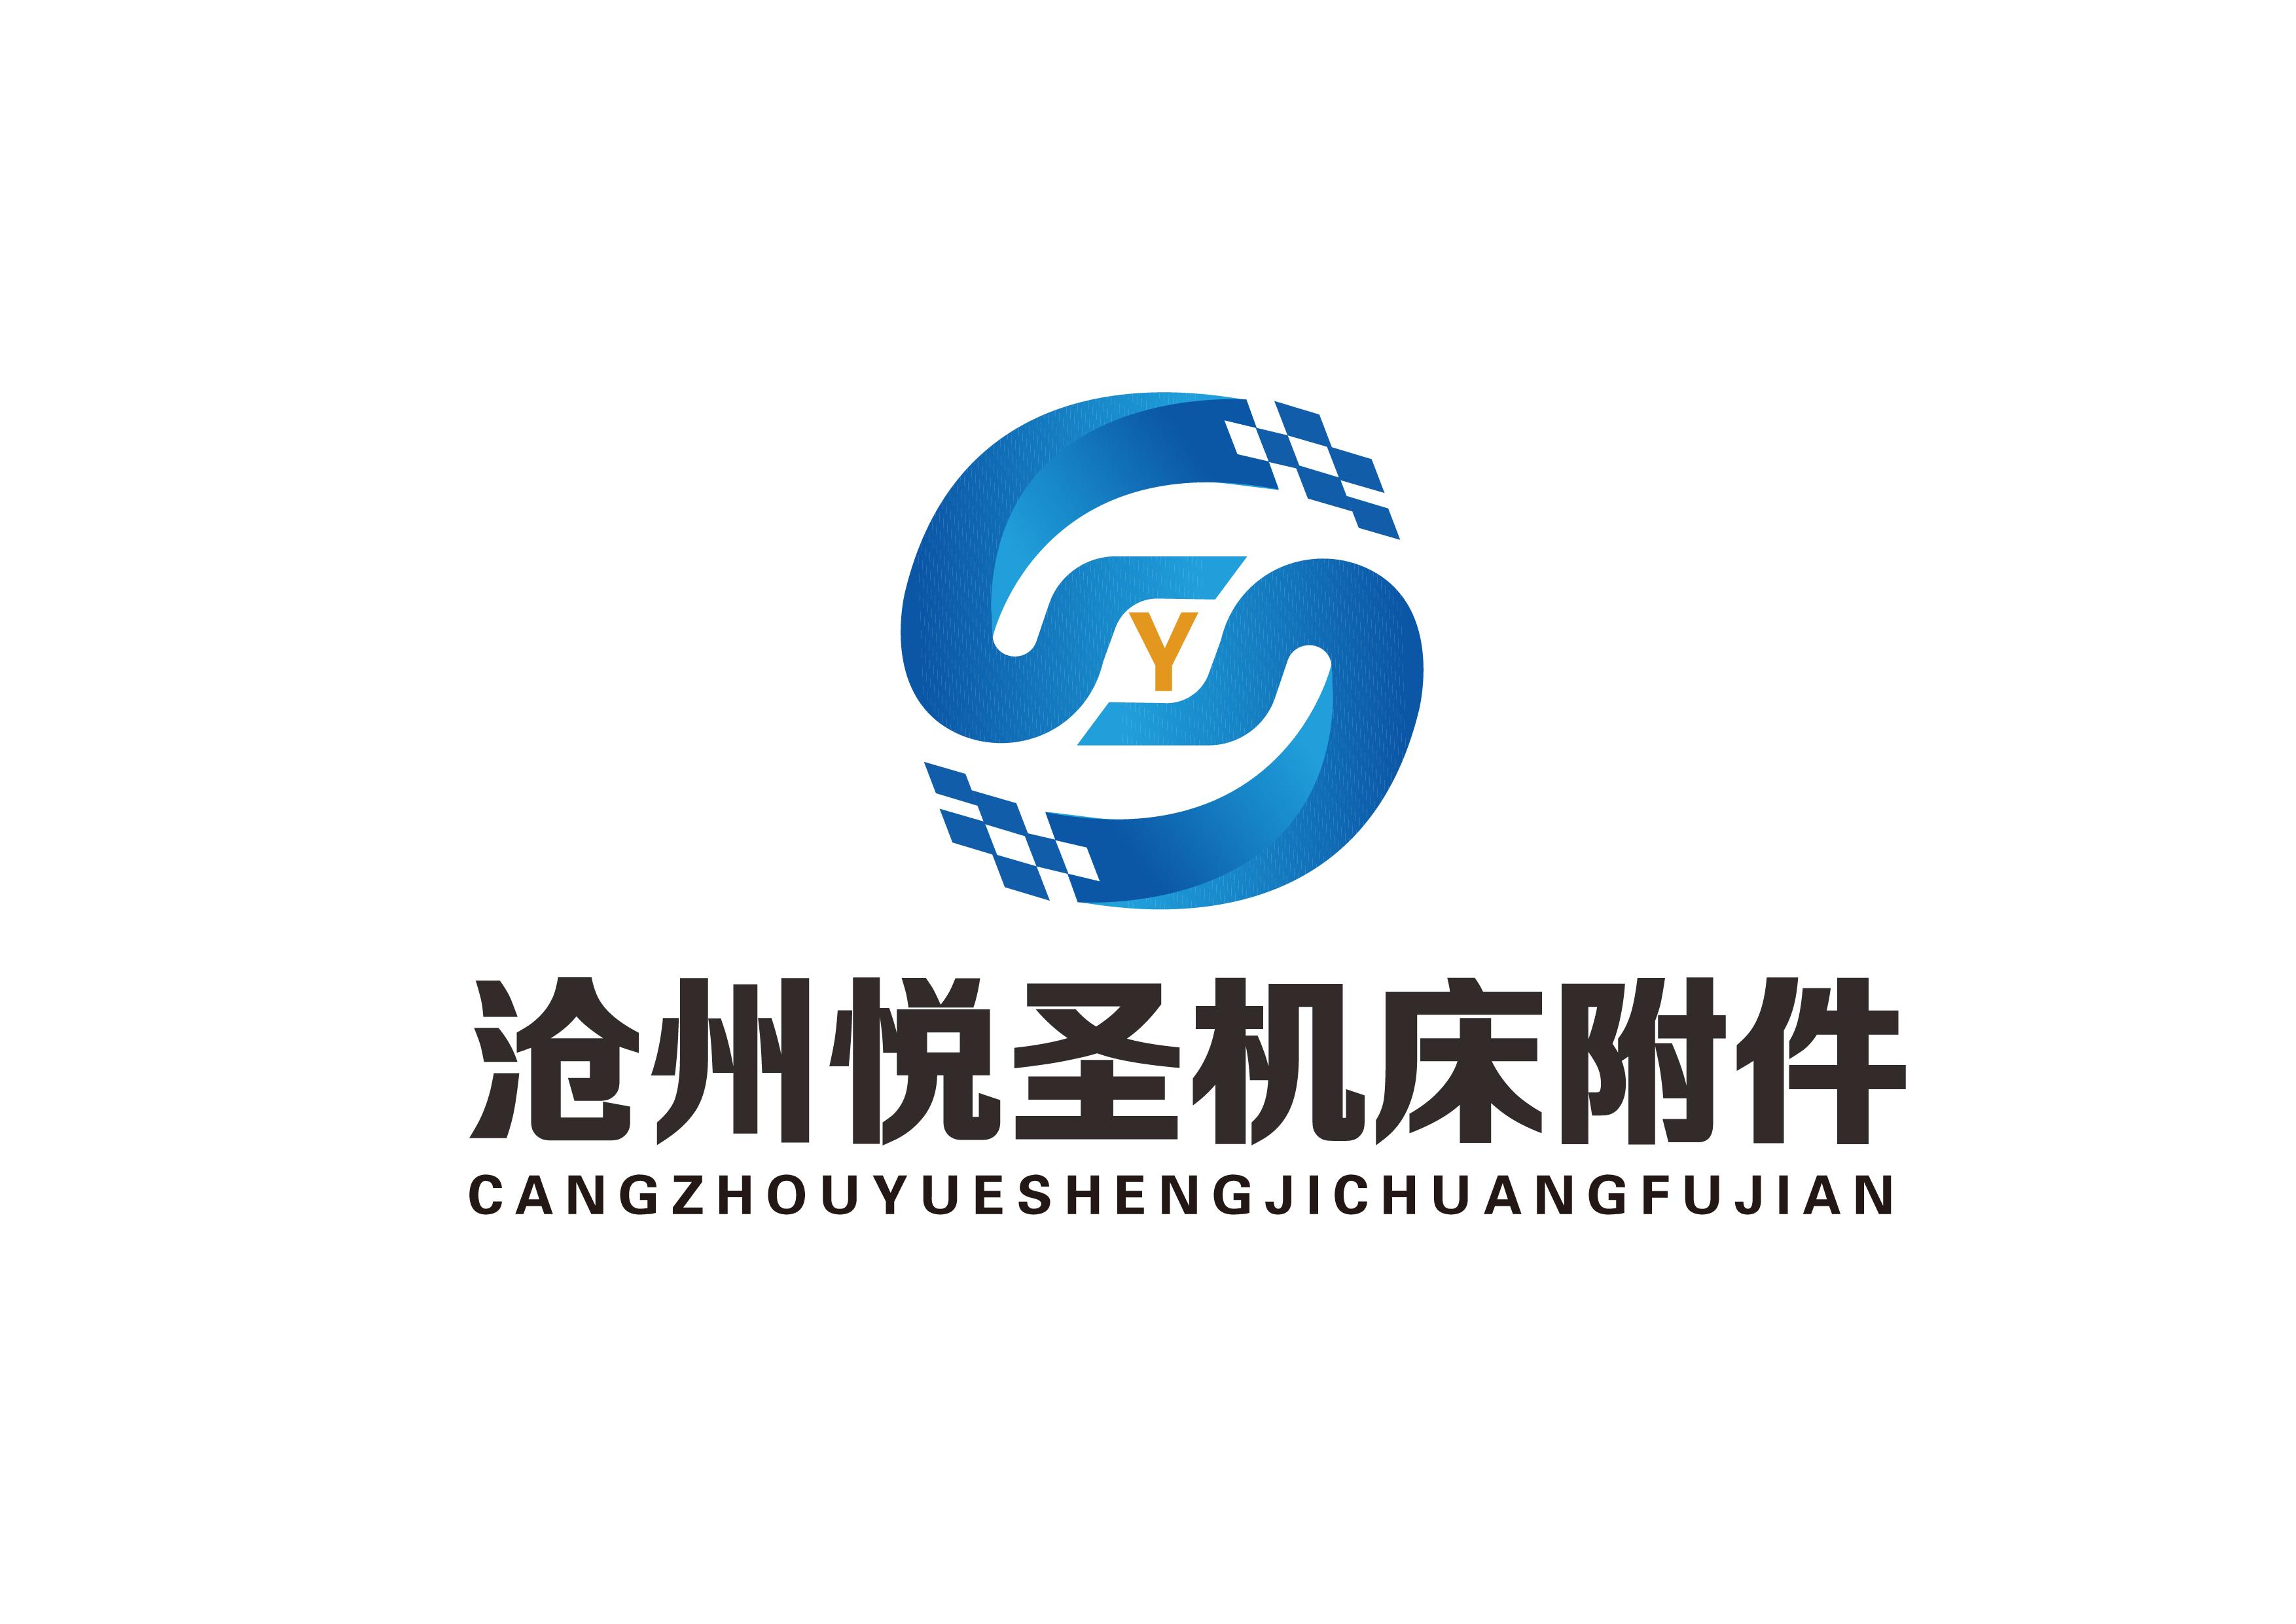 沧州悦圣机床附件有限公司